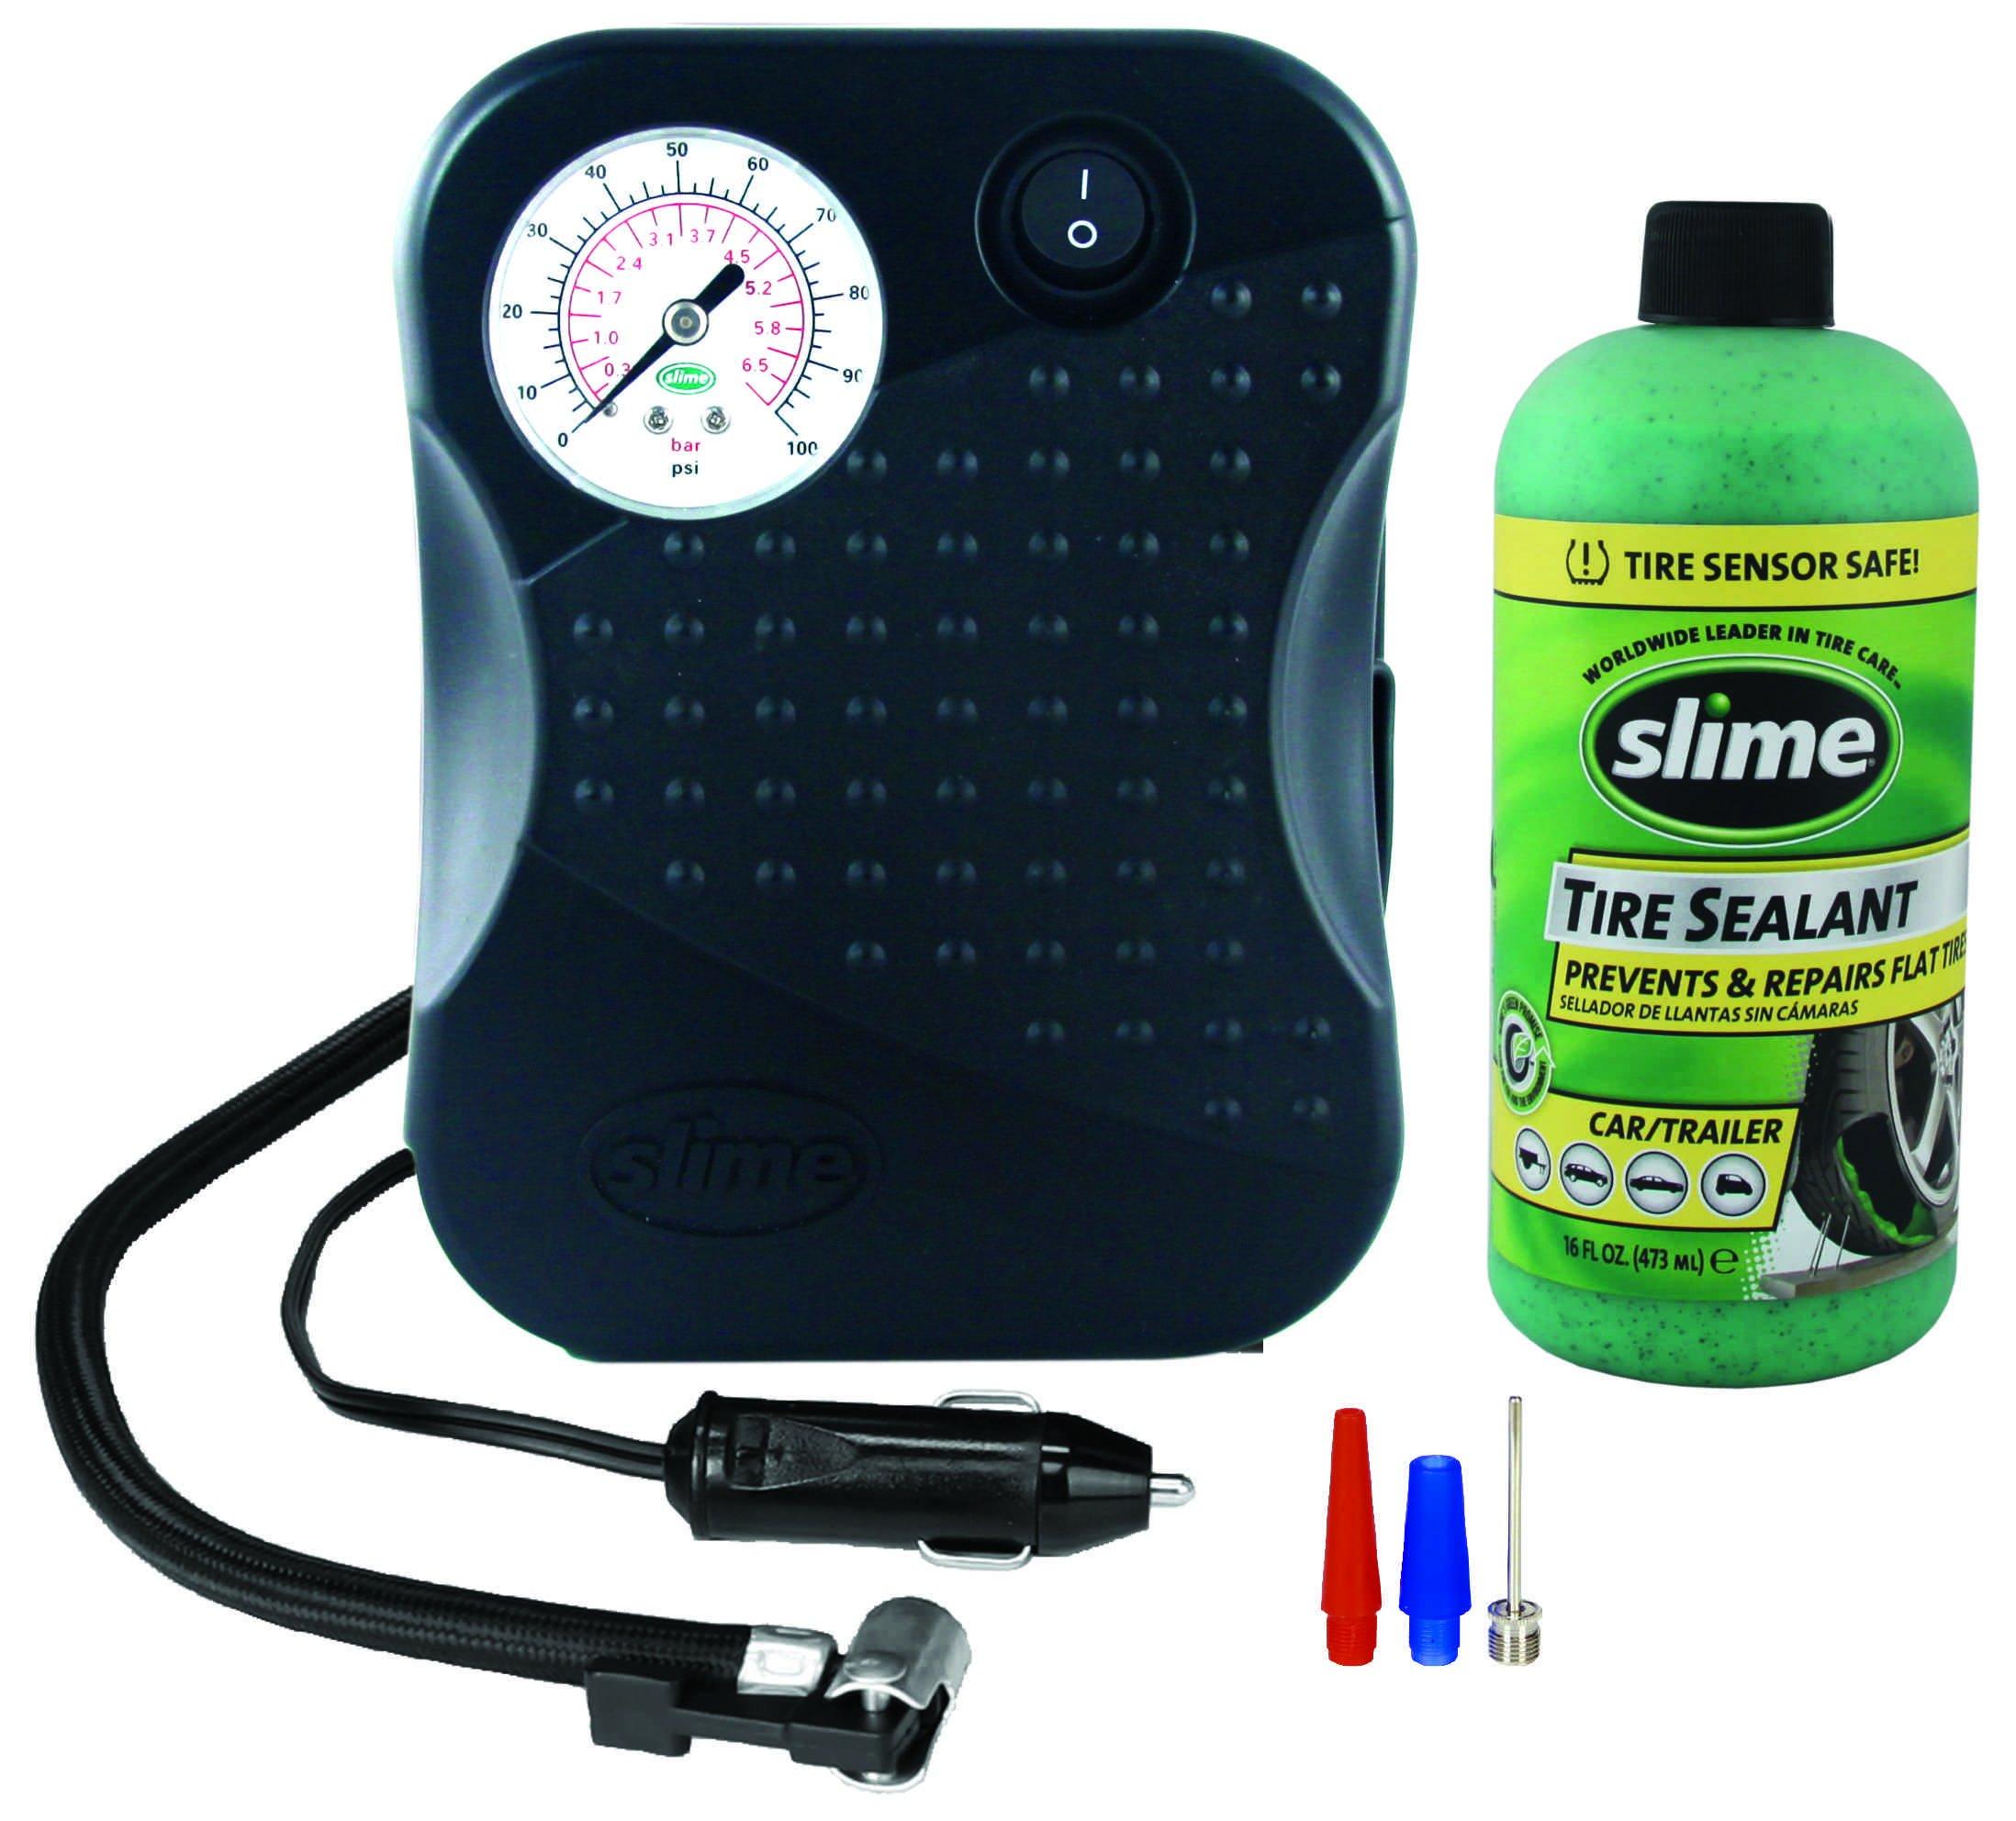 Slime 50107 Smart Spair Emergency Tire Repair Kit by Slime (Image #2)